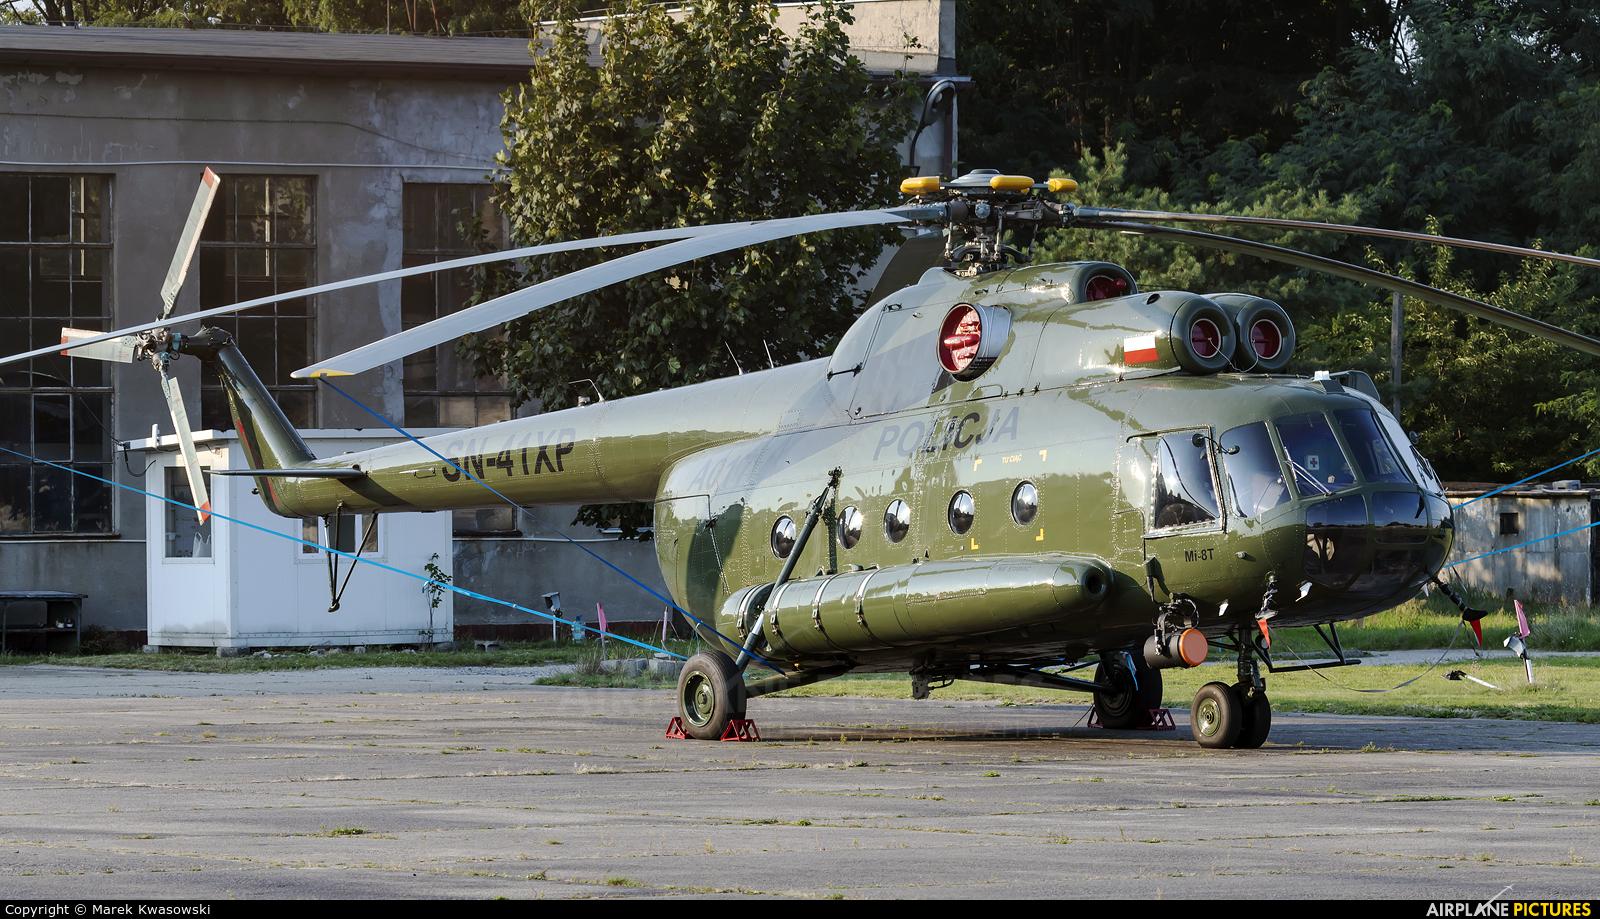 Poland - Police SN-41XP aircraft at Warsaw - Babice